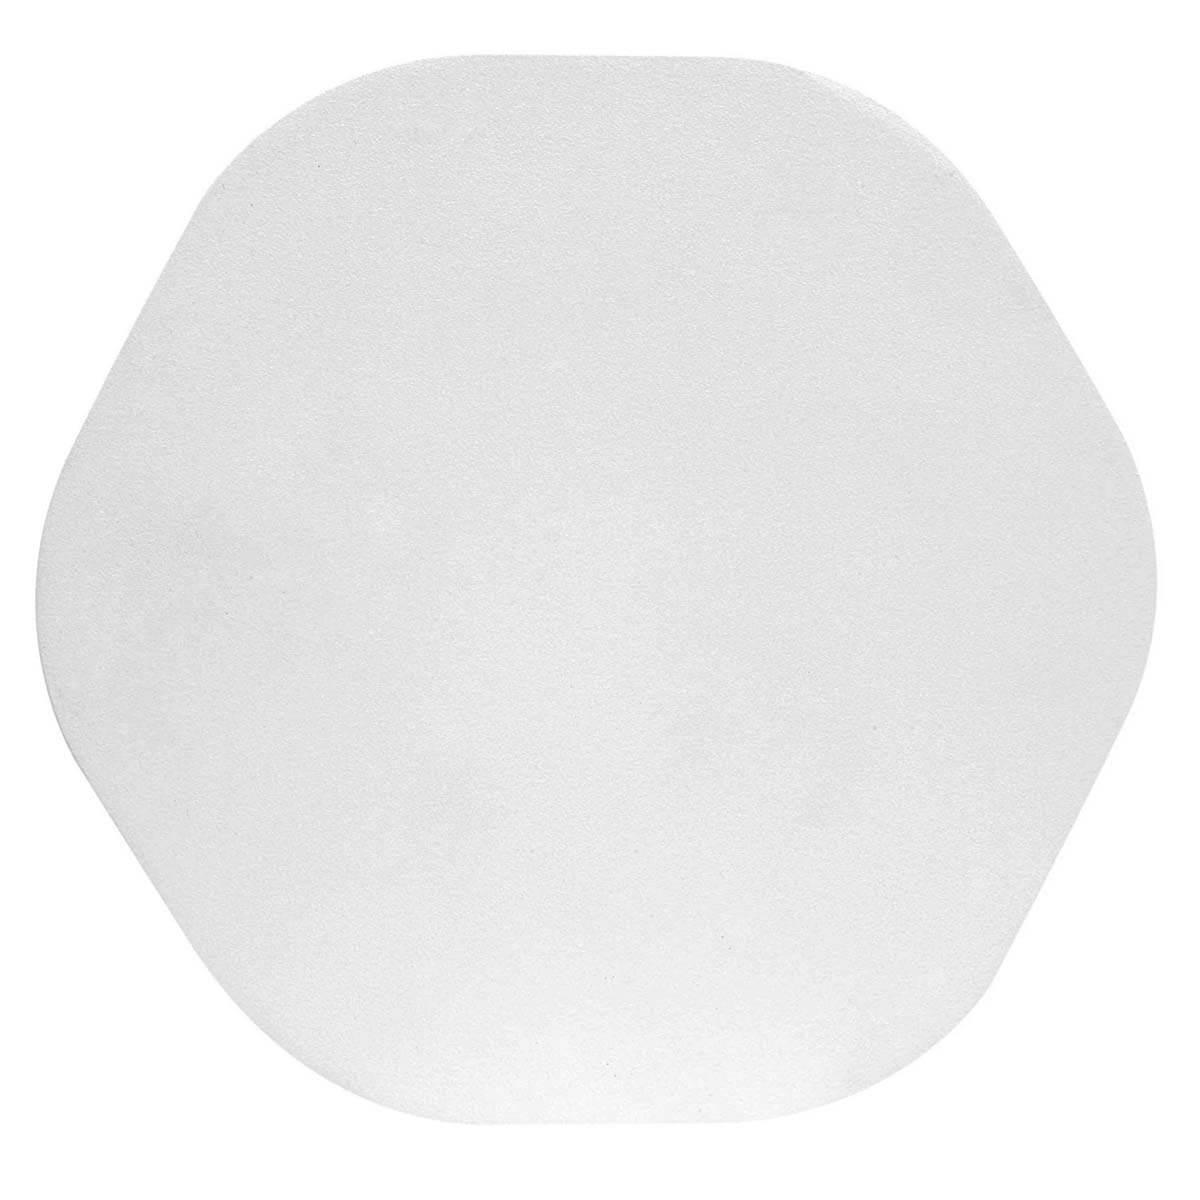 Светильник Mantra C0106 Bora bora